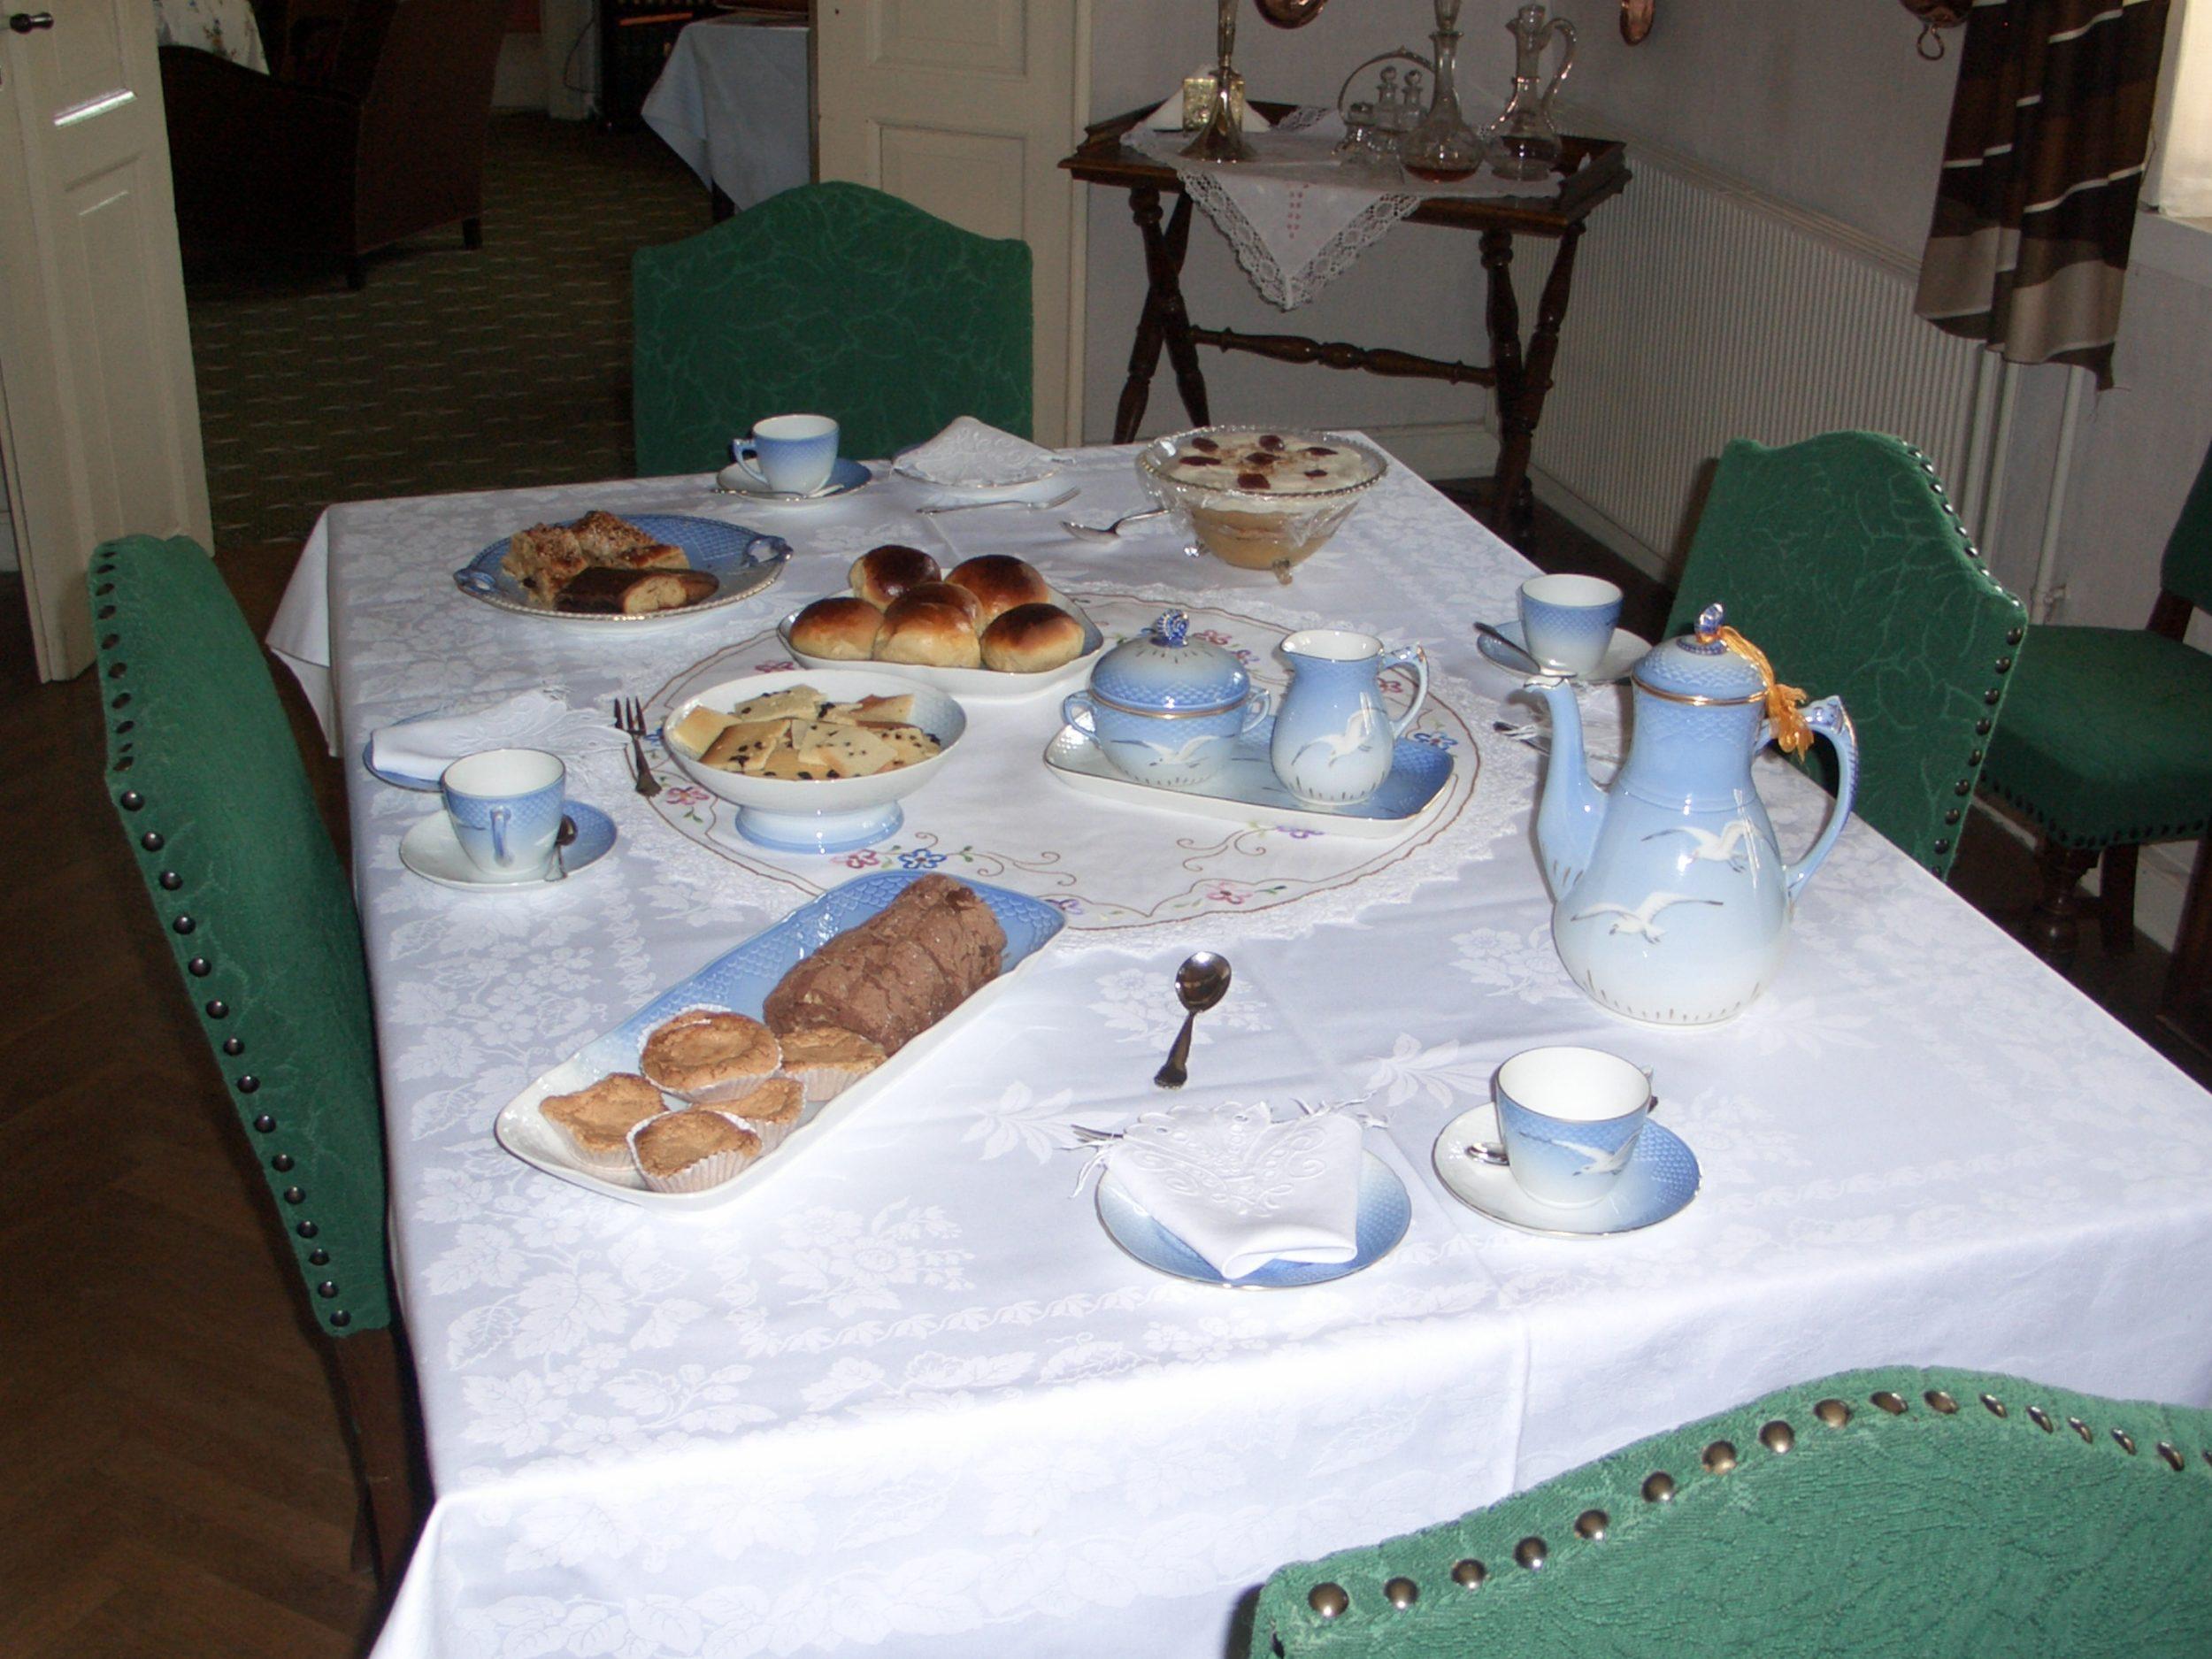 Lones kaffebord på Kongsgaarden